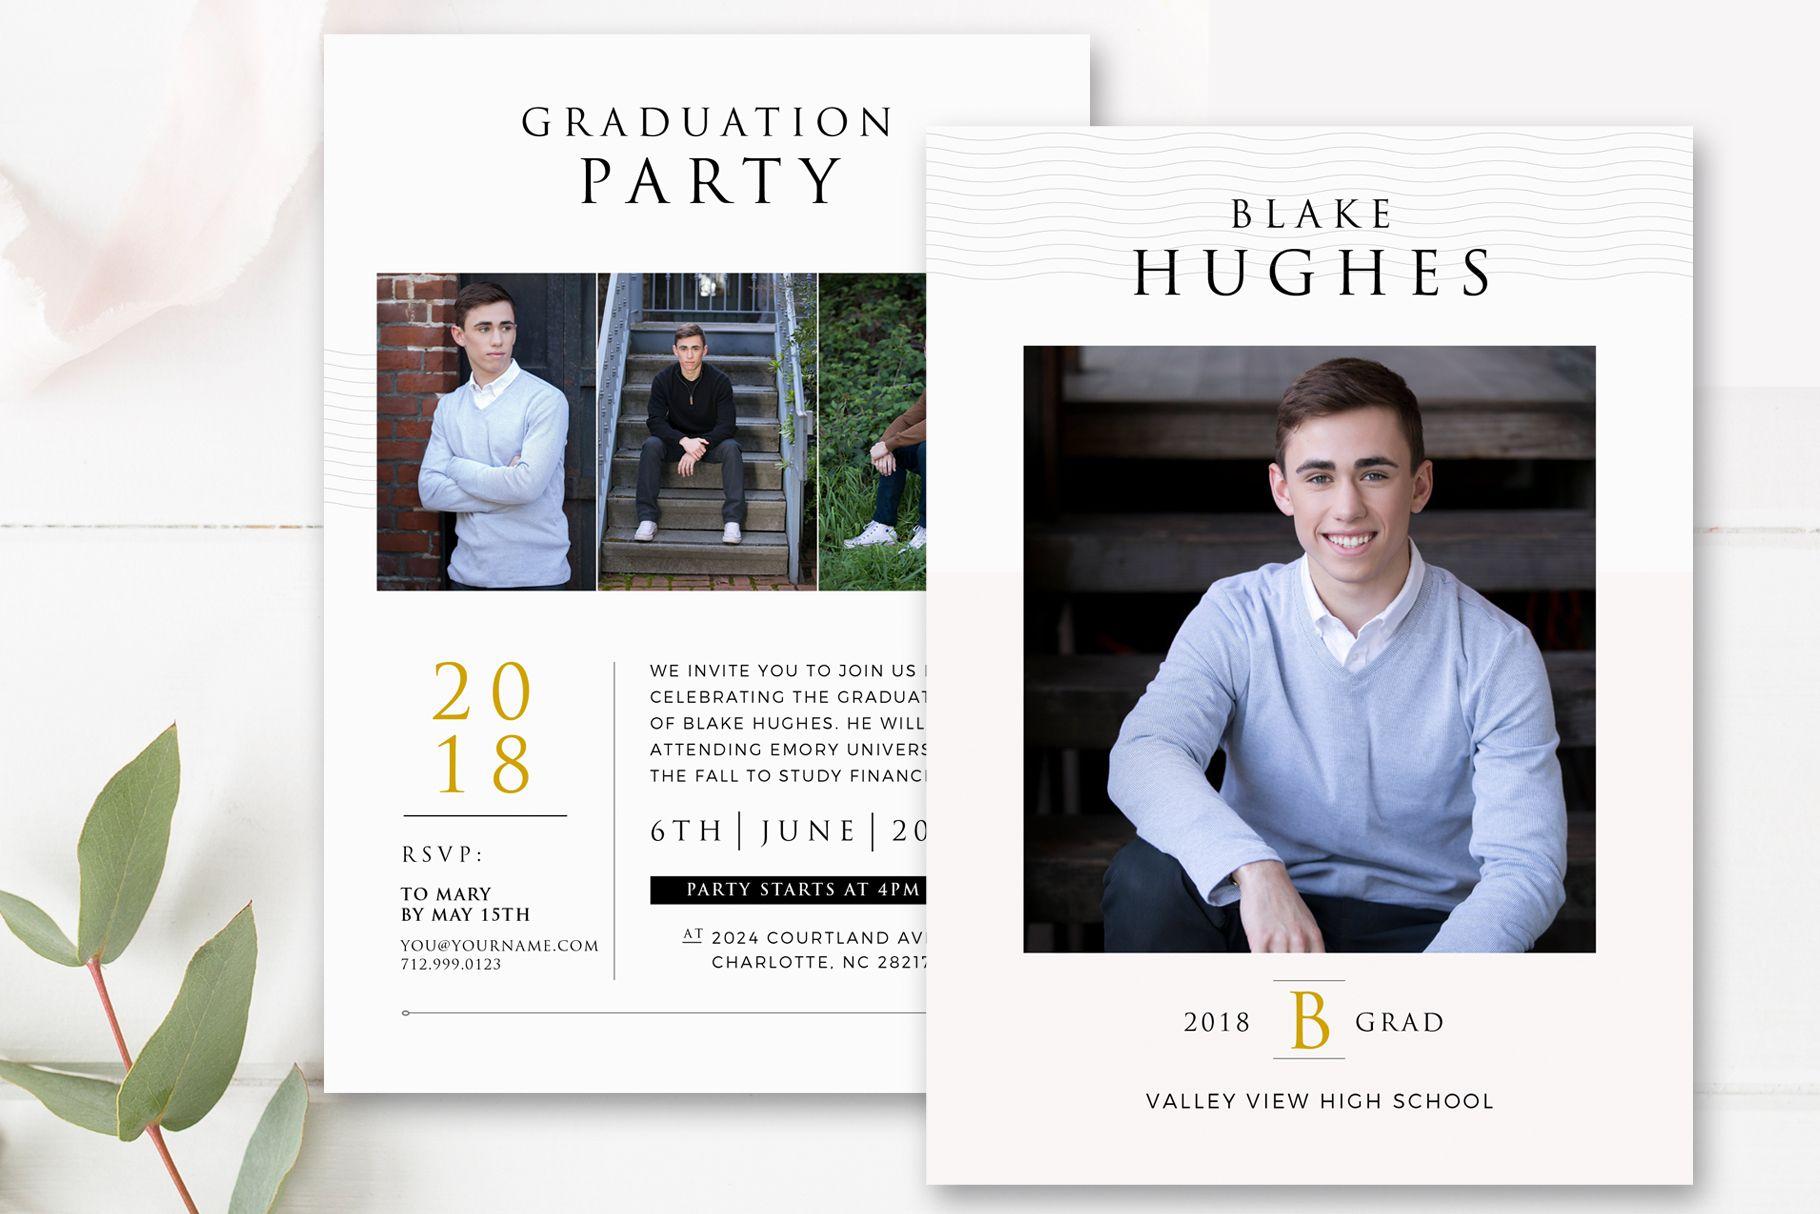 Guys Graduation Card Template By Stephanie Design Graduation Invitations Template Graduation Invitations Photoshop Template Design